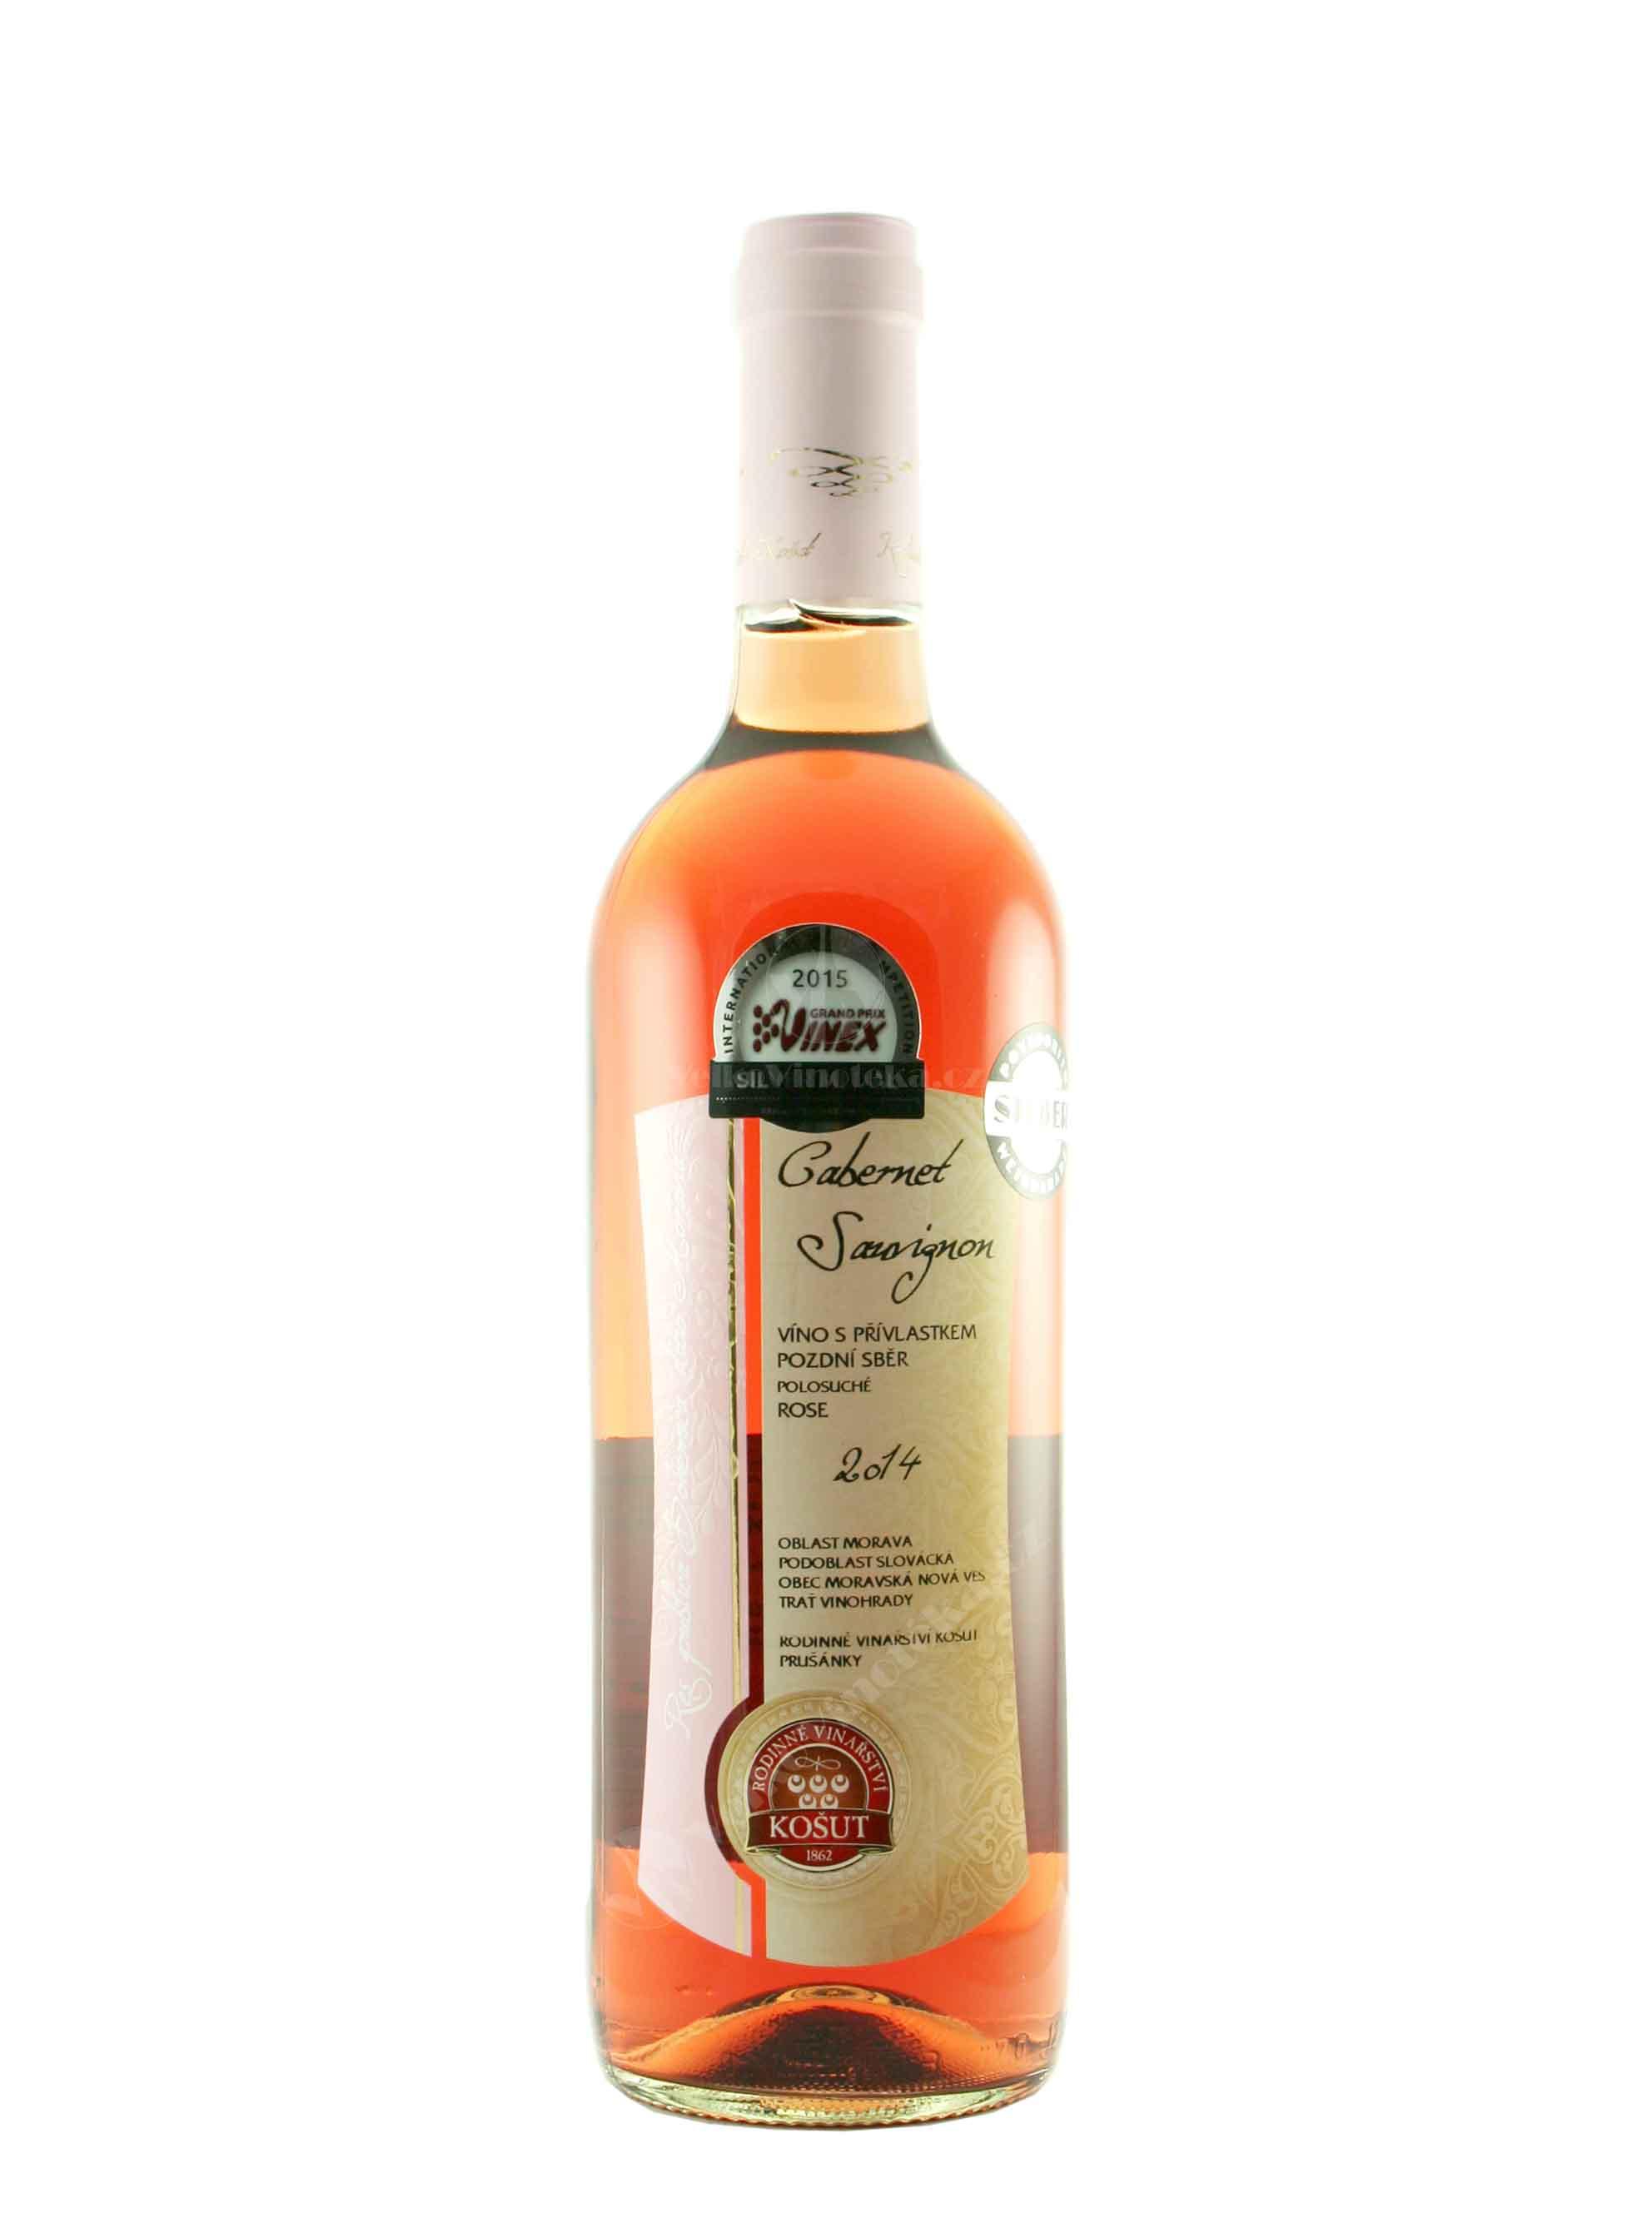 Cabernet Sauvignon, Res Publica, Pozdní sběr, 2014, Vinařství Košut, 0.75 l